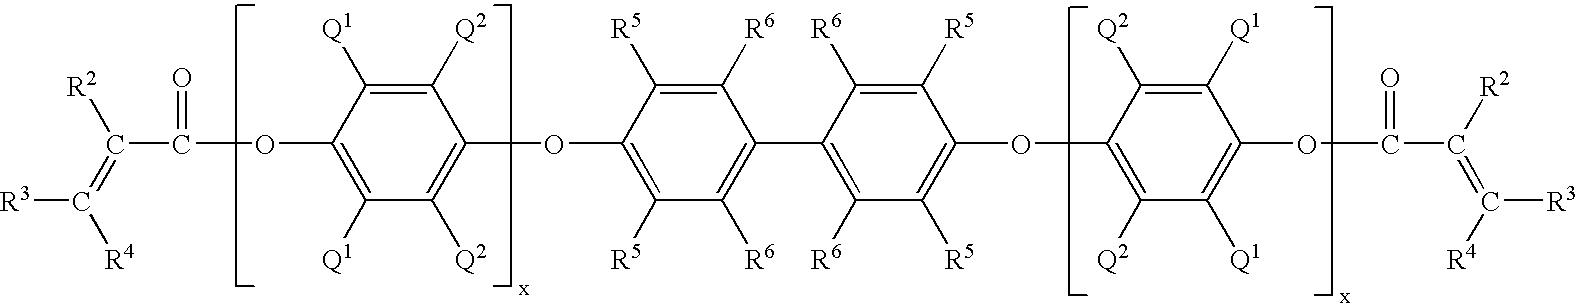 Figure US20060041086A1-20060223-C00027